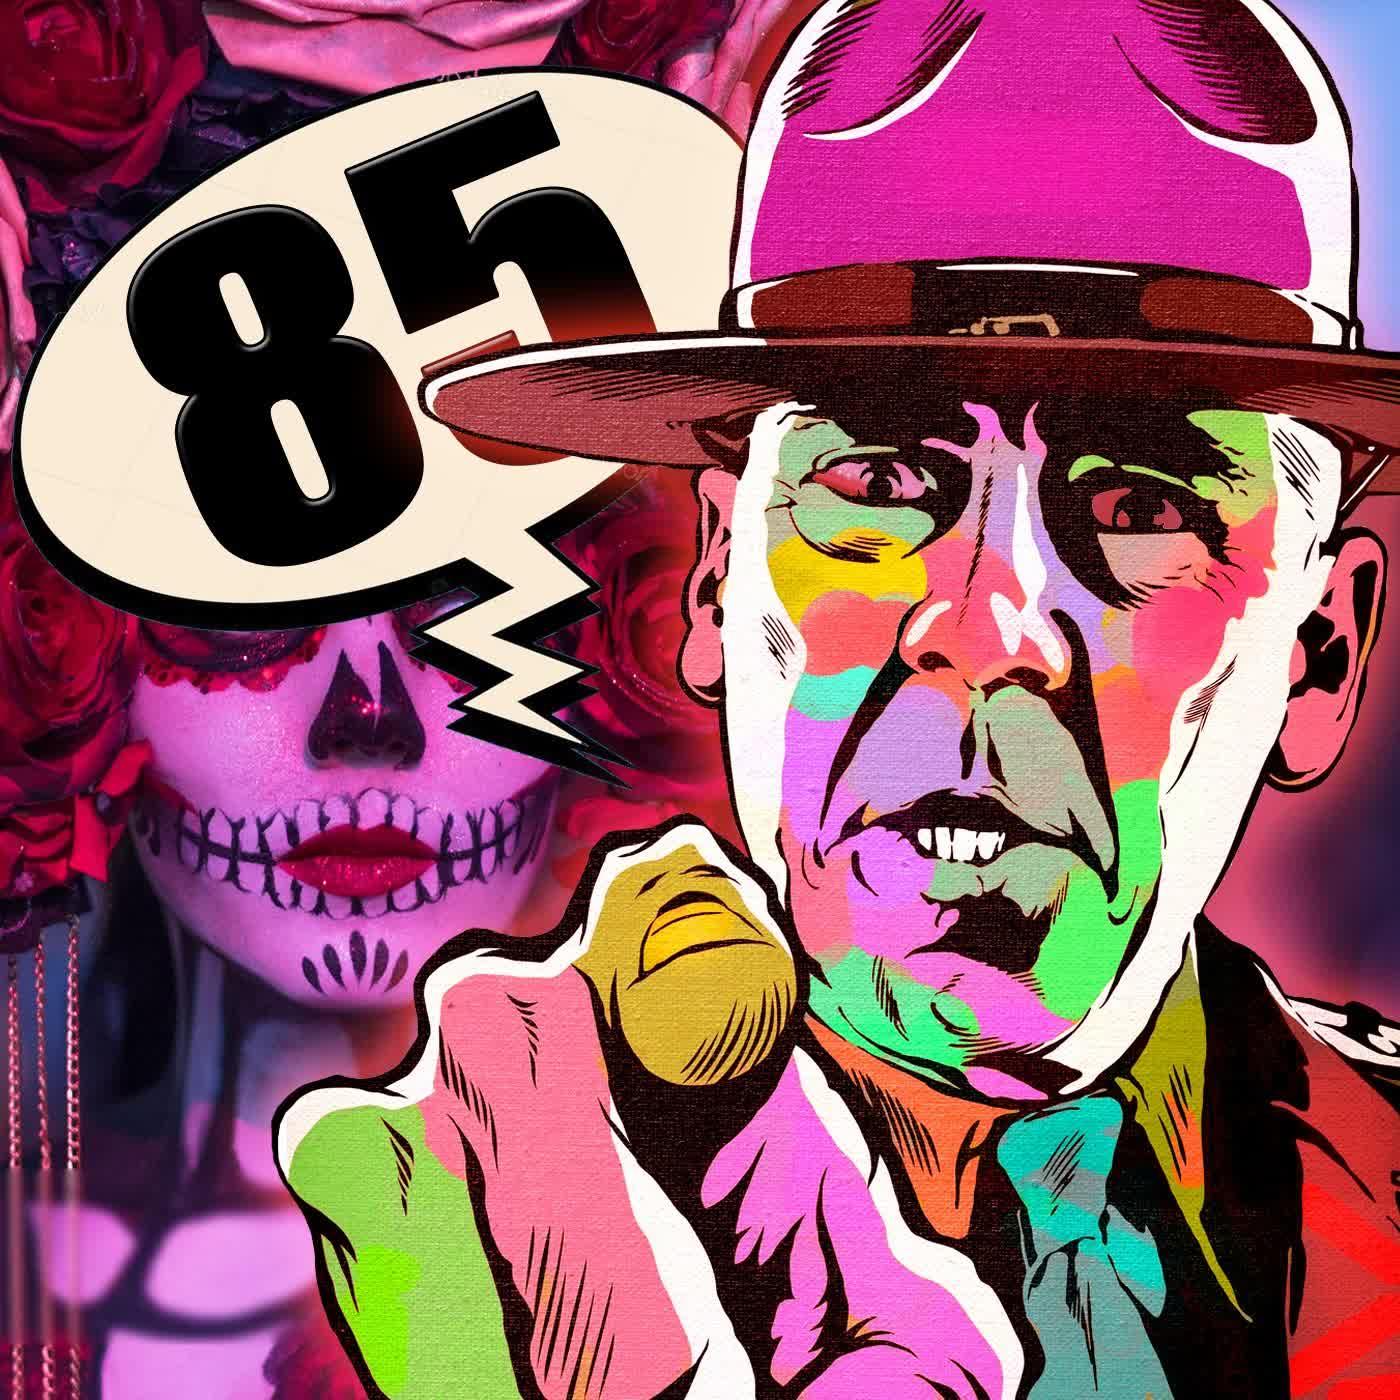 85 - Говорить плохо о мёртвых, Оправдание Михаила Ефремова, Новый проект